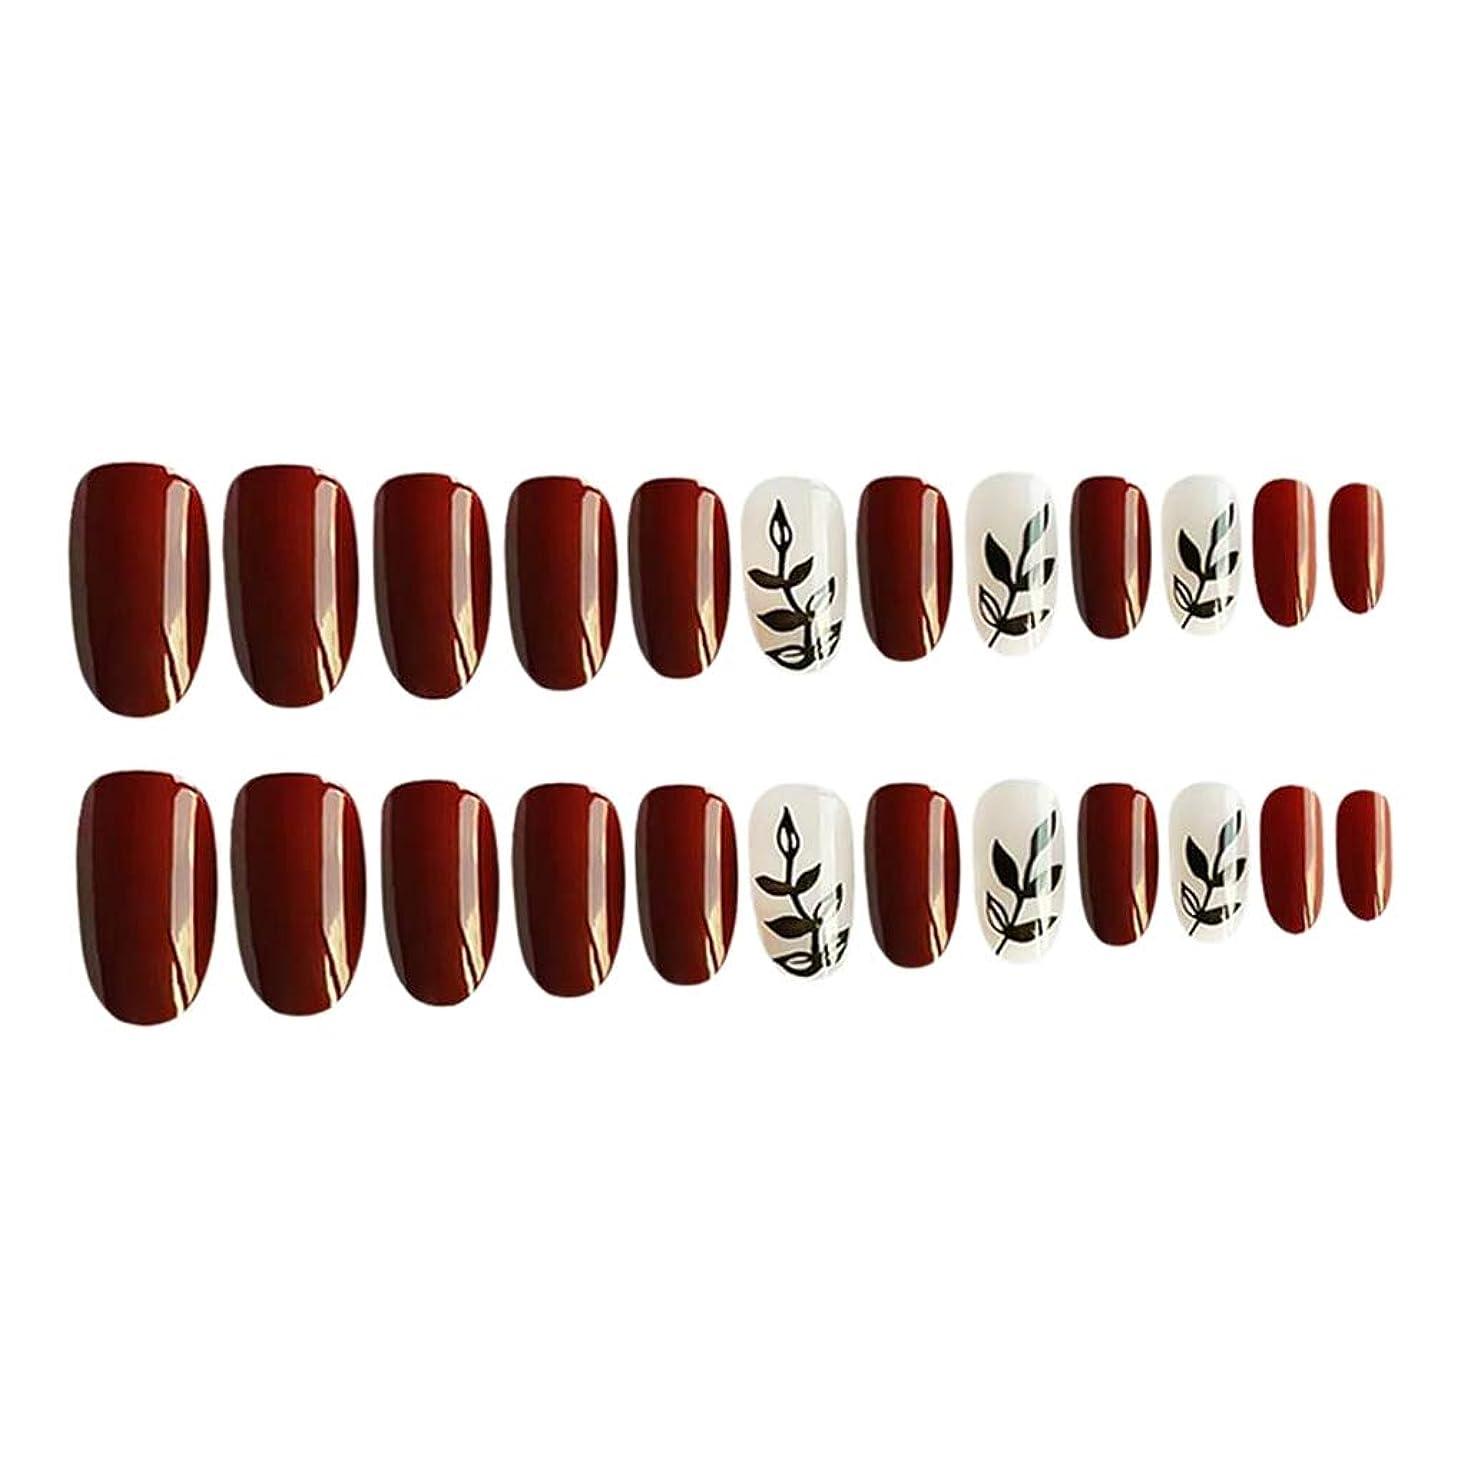 角度間違いなく切るネイルステッカー つけ爪 付け爪 ネイルチップ 人工爪 ネイル アート ツール 約24個入り 全4カラー - 01